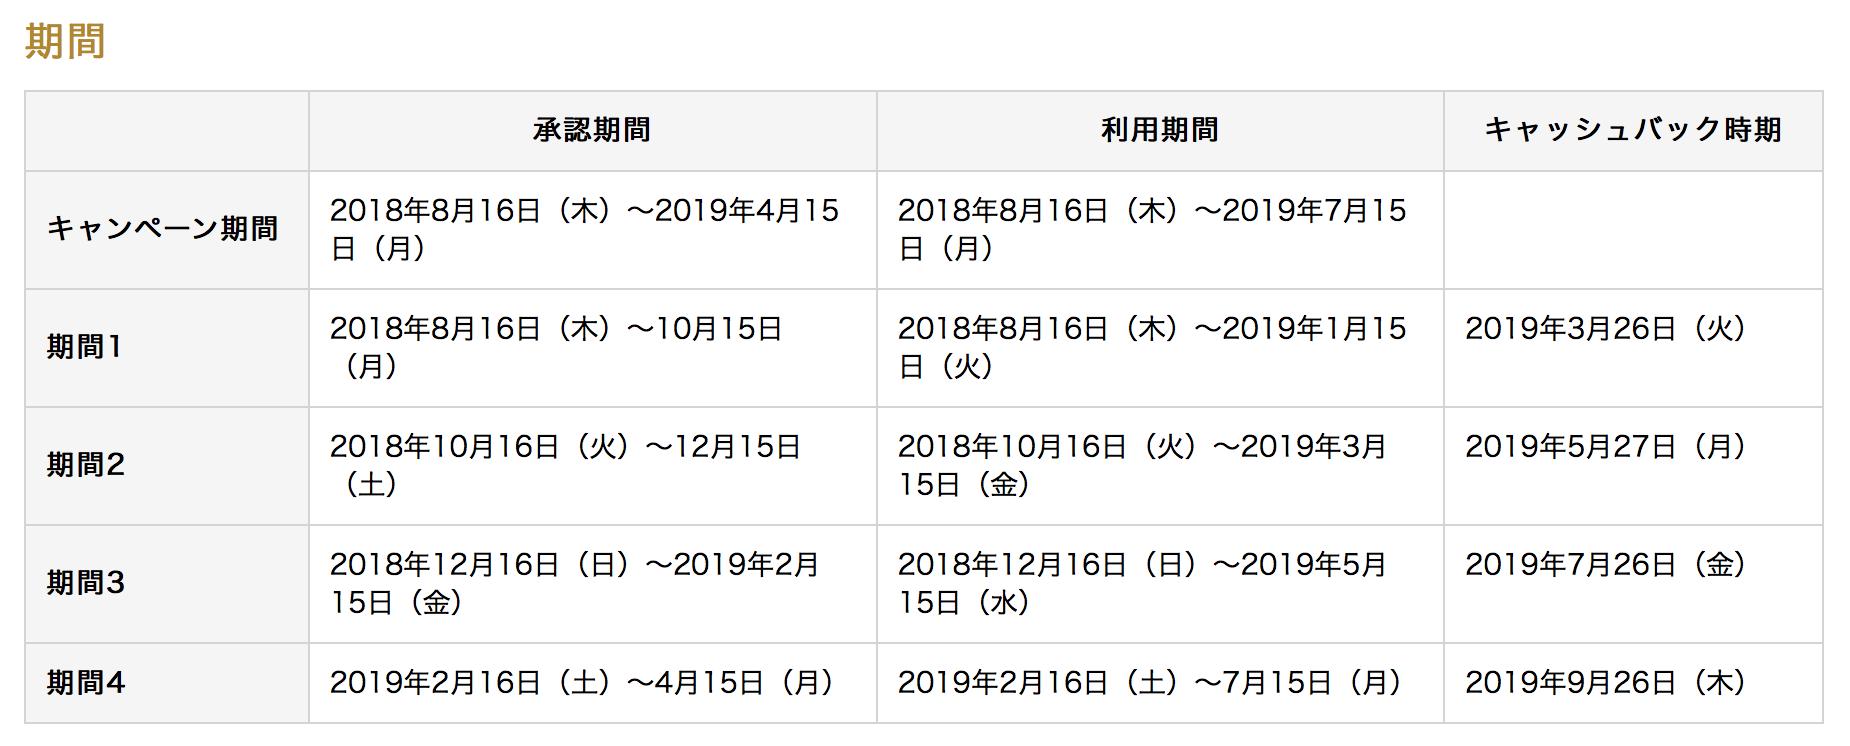 5,000円カムバックキャンペーン 期間